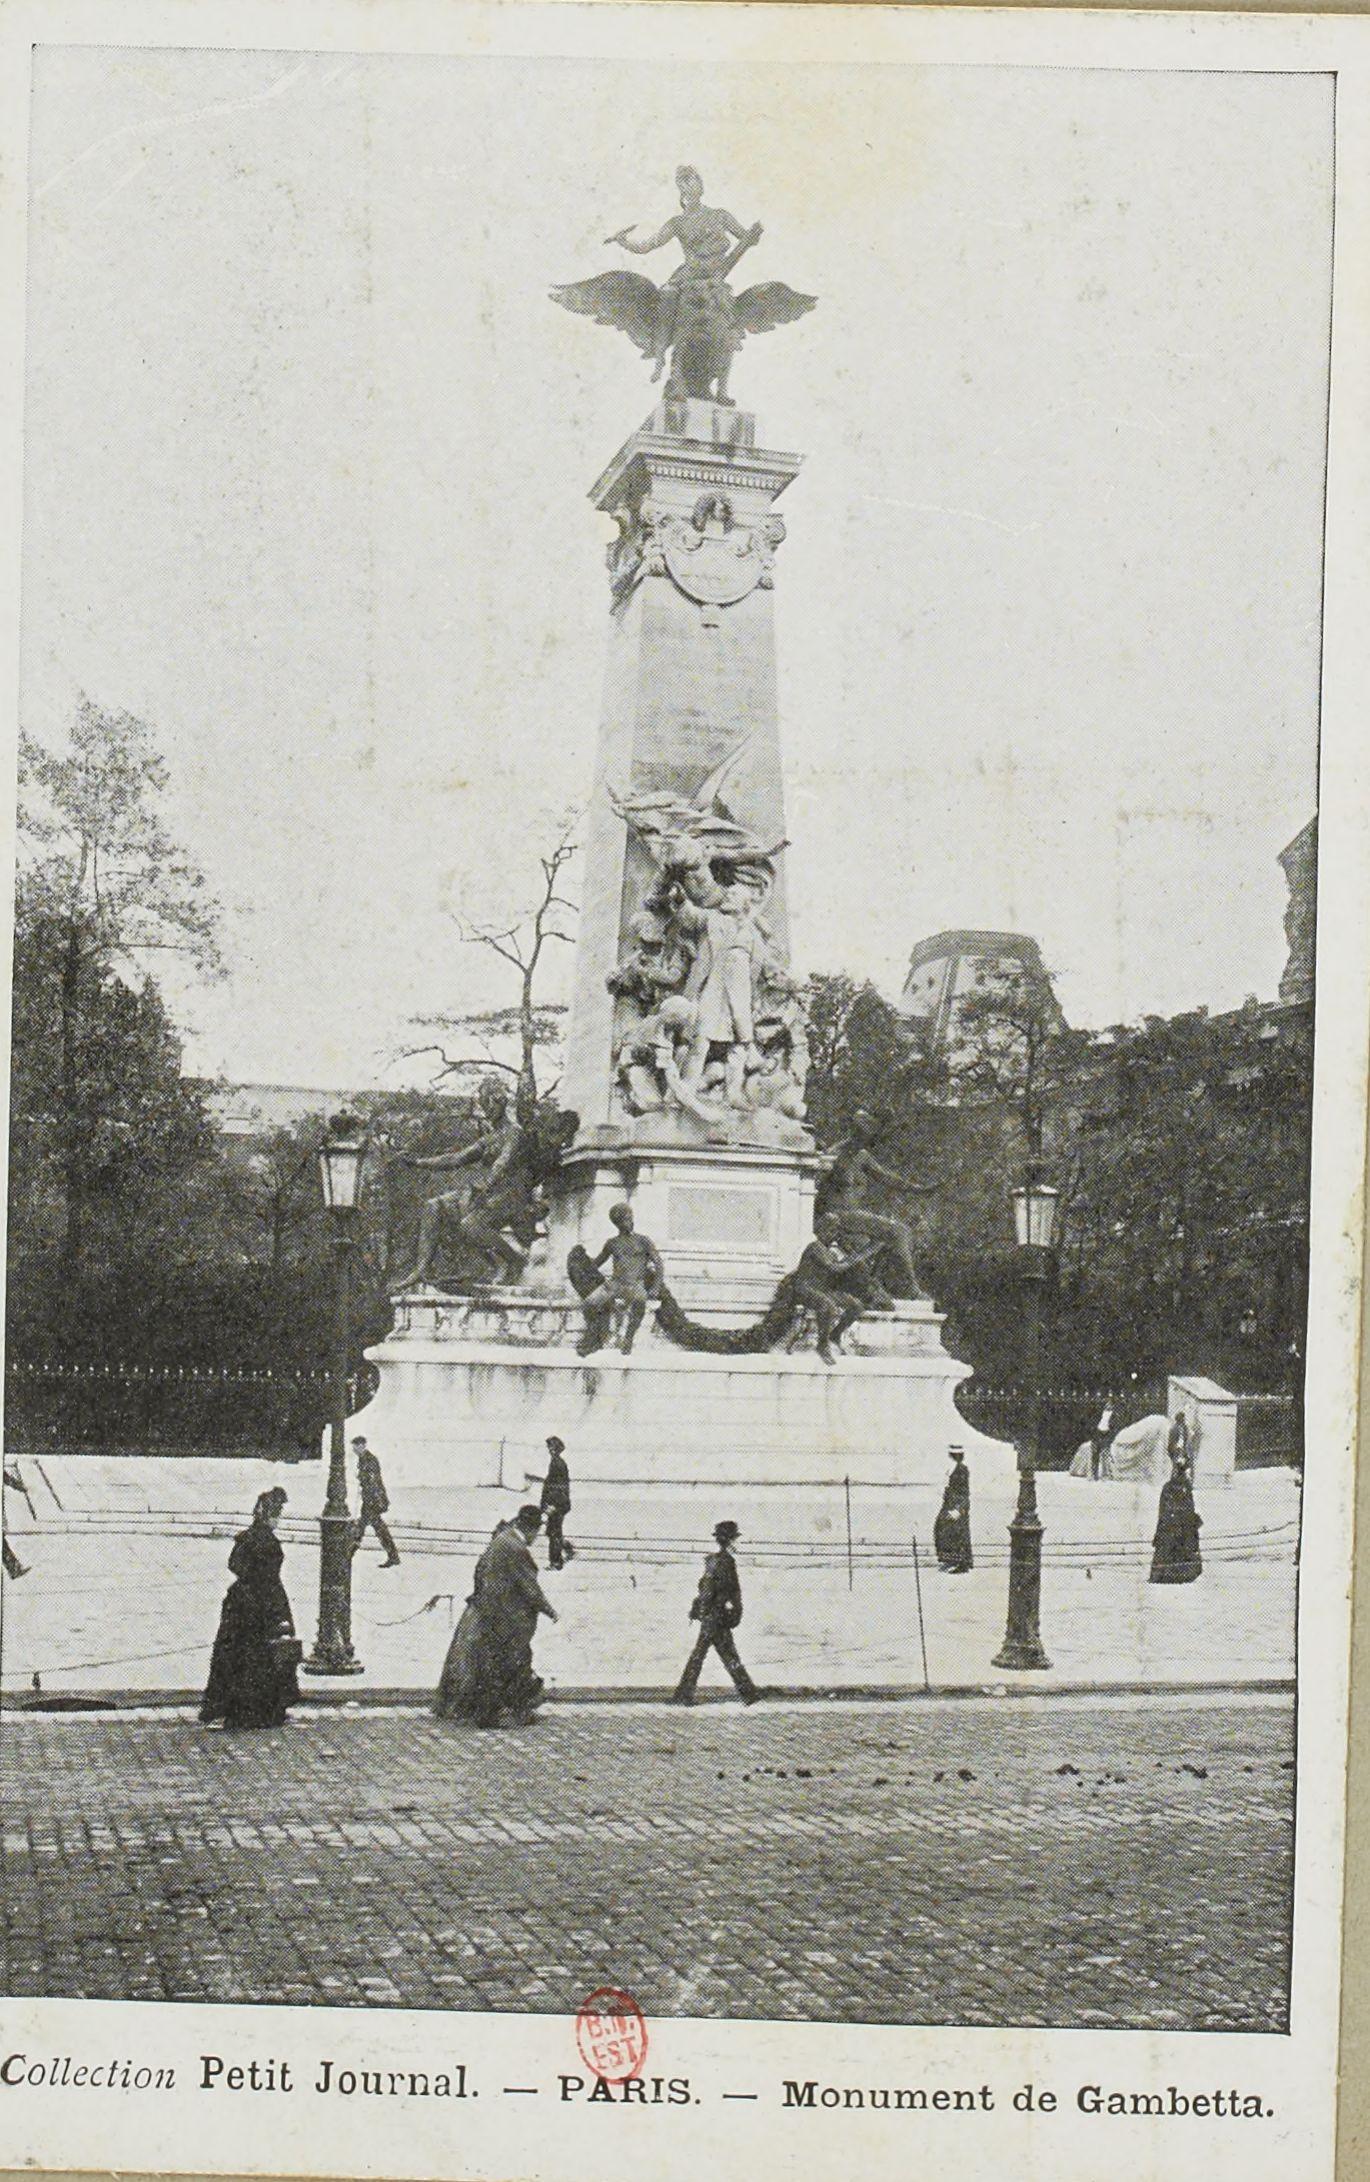 Памятник Гамбетта на площади Каррузель